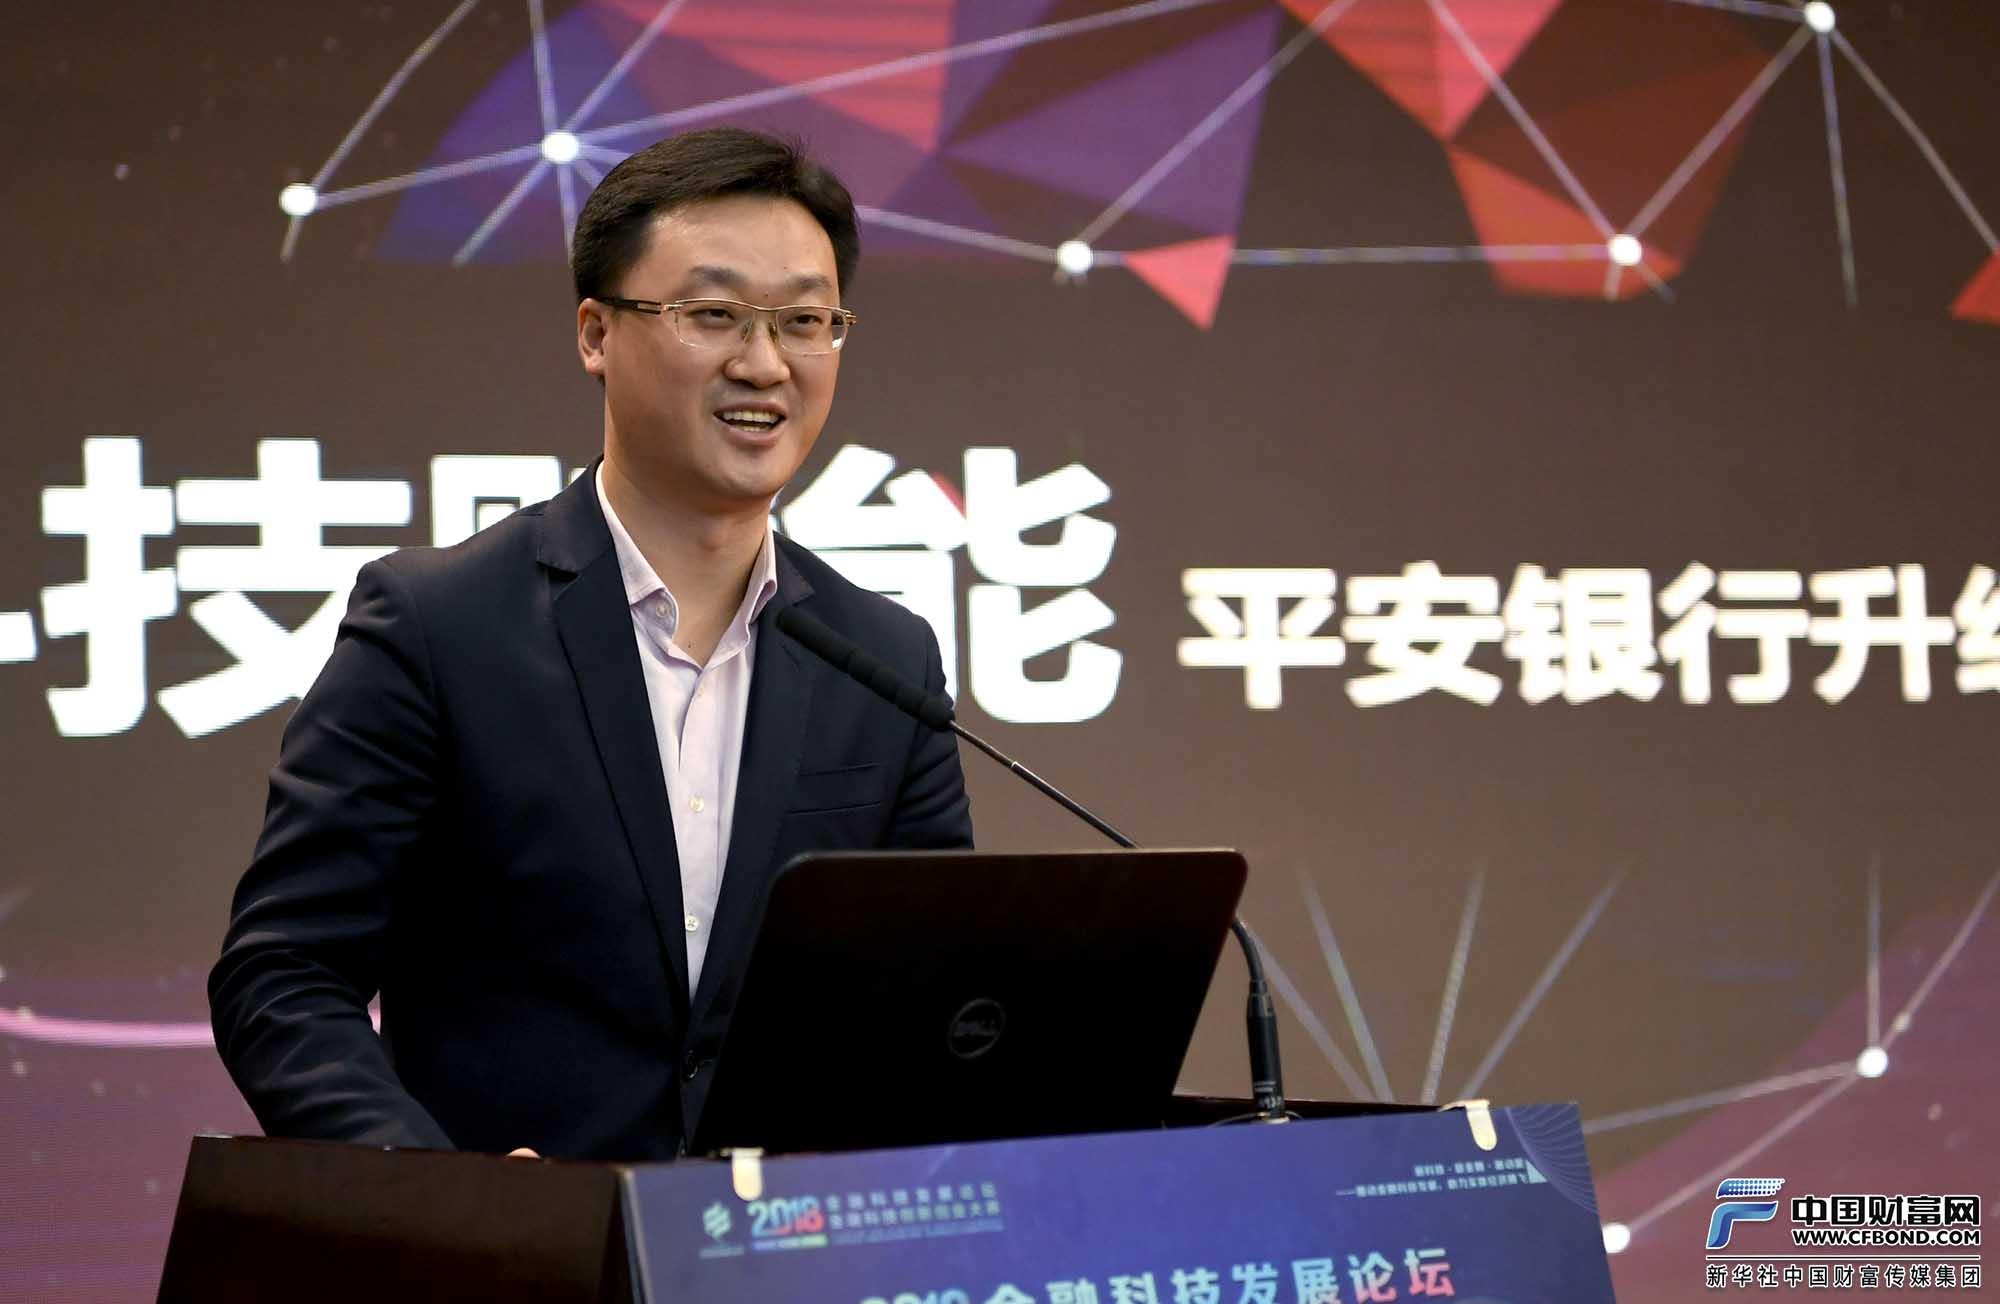 平安银行交易银行事业部副总裁许红辉演讲